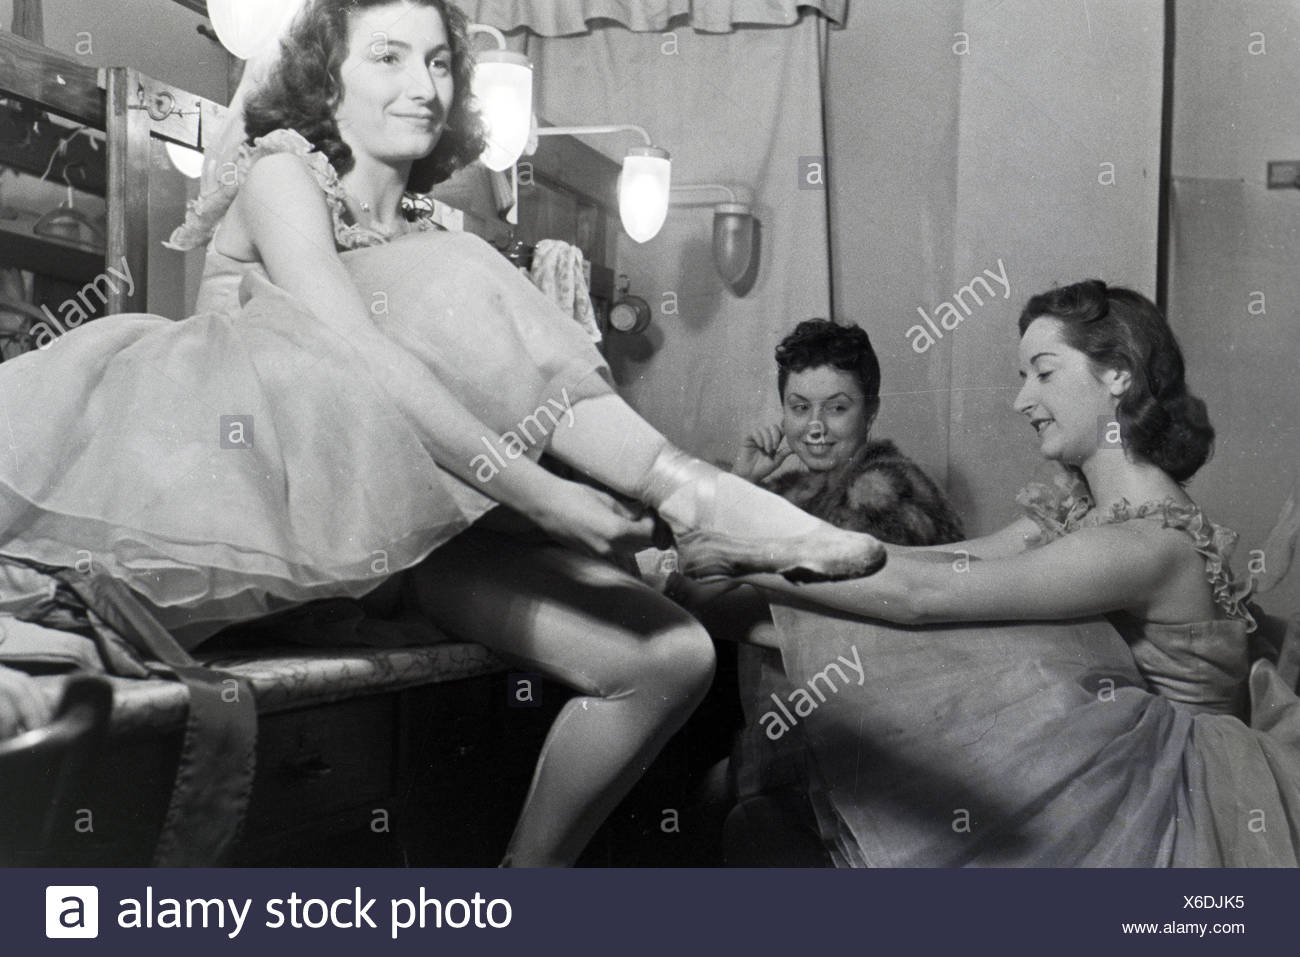 Tänzerinnen Stock Photos & Tänzerinnen Stock Images - Alamy